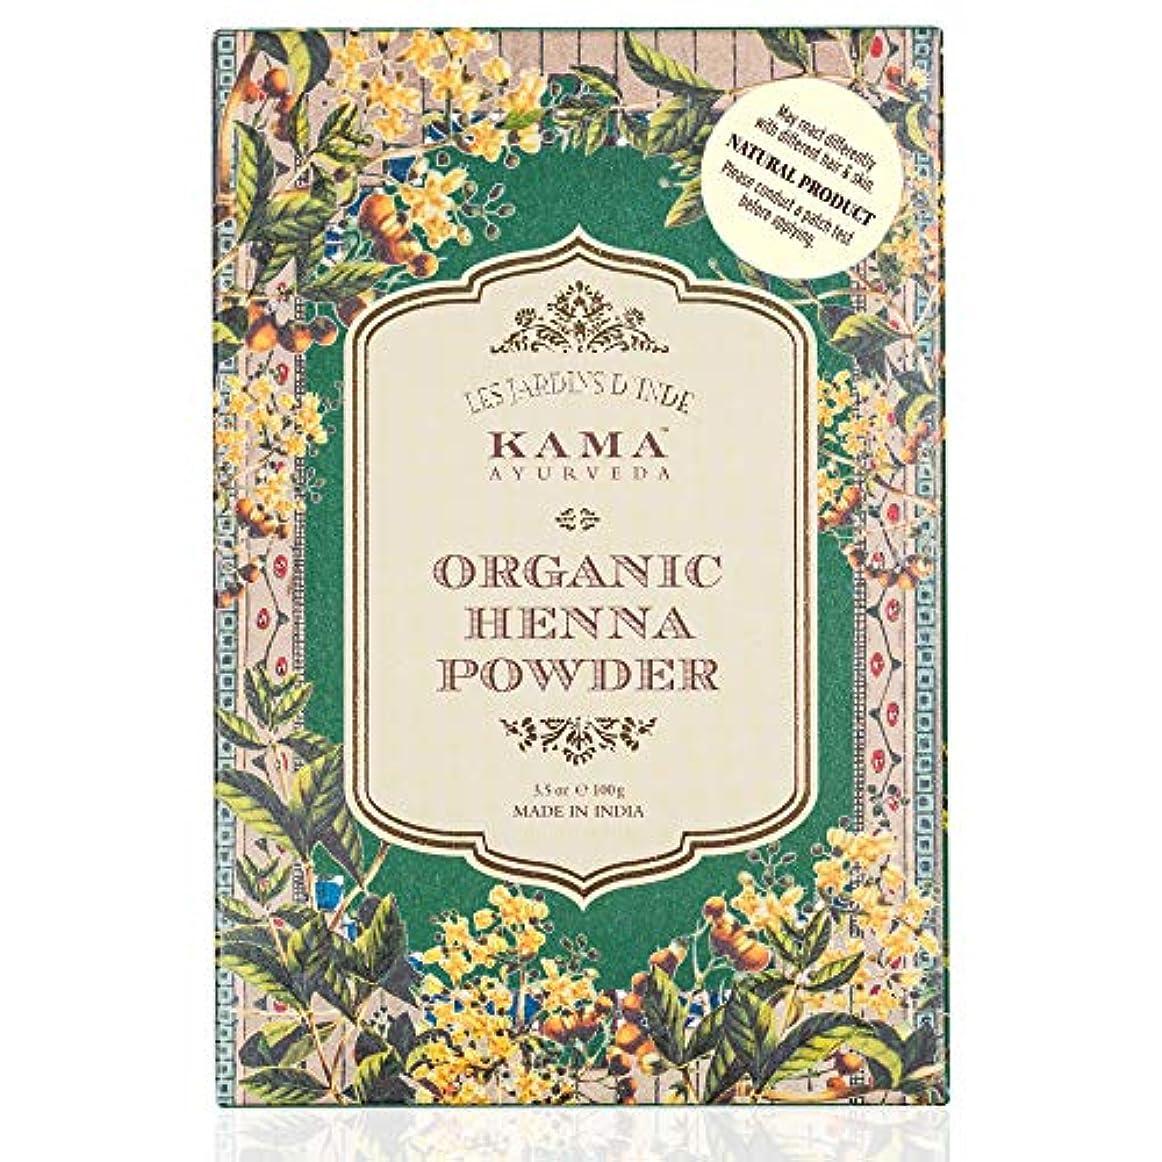 削減刑務所イースターKAMA AYURVEDA 100% 有機 オーガニック ヘナ パウダー Organic Henna Powder, 100g